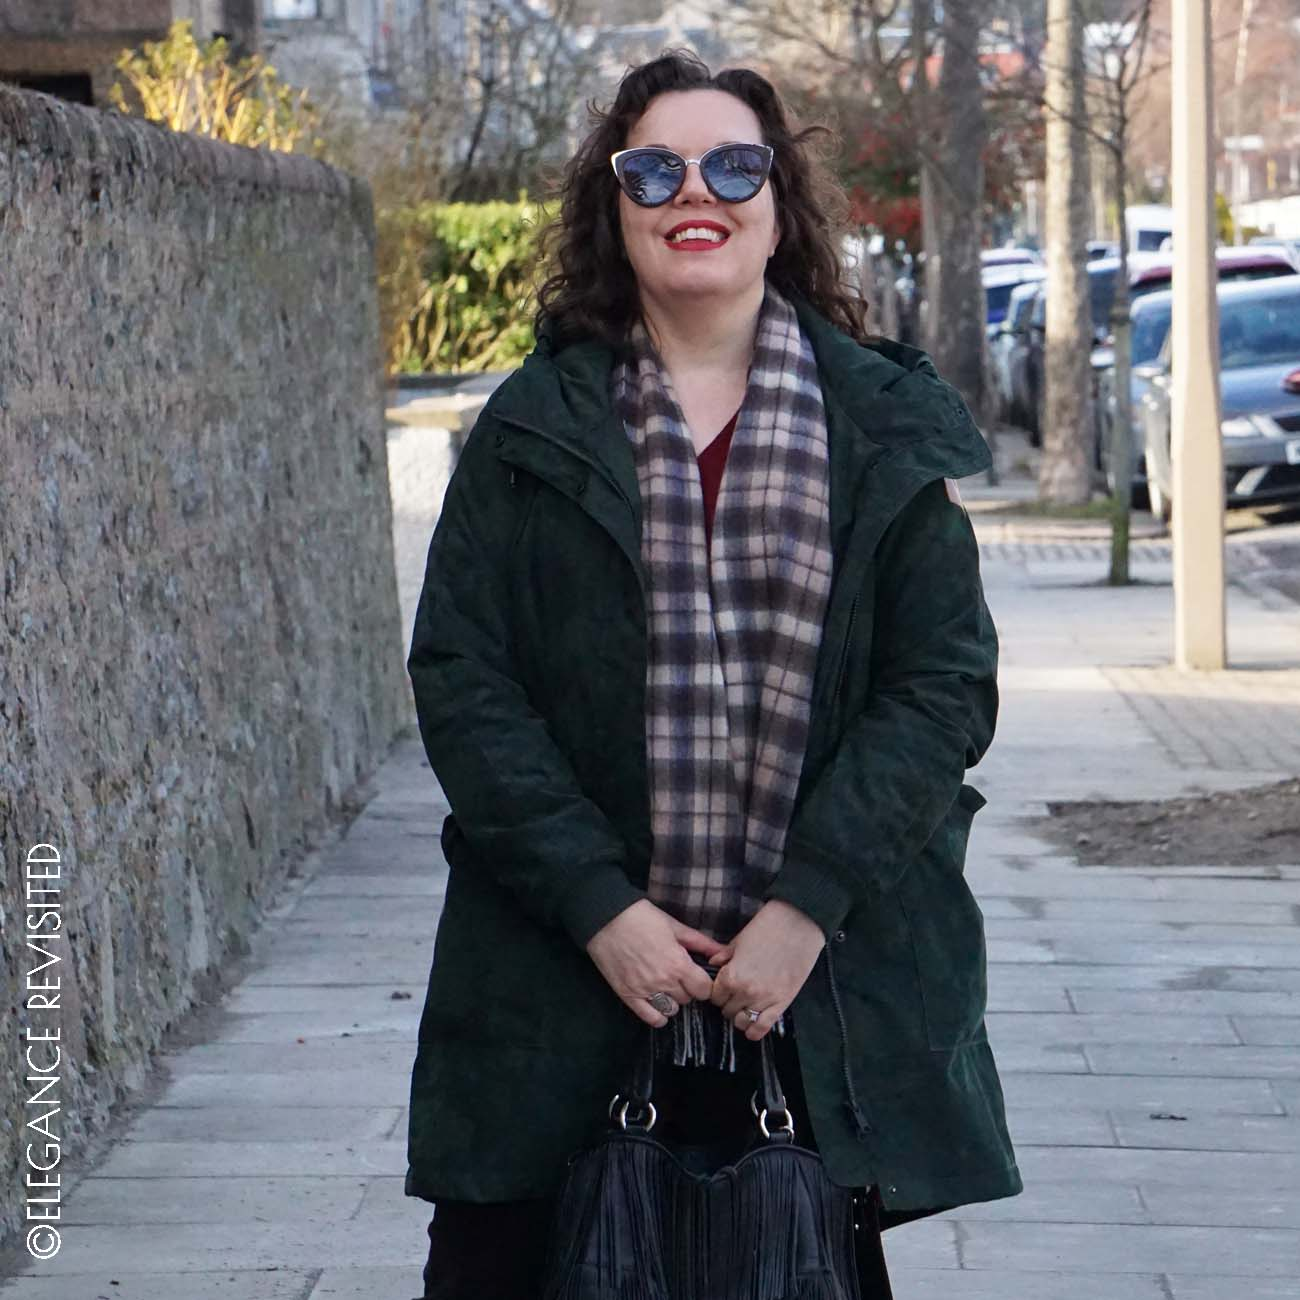 camo jacket over 50